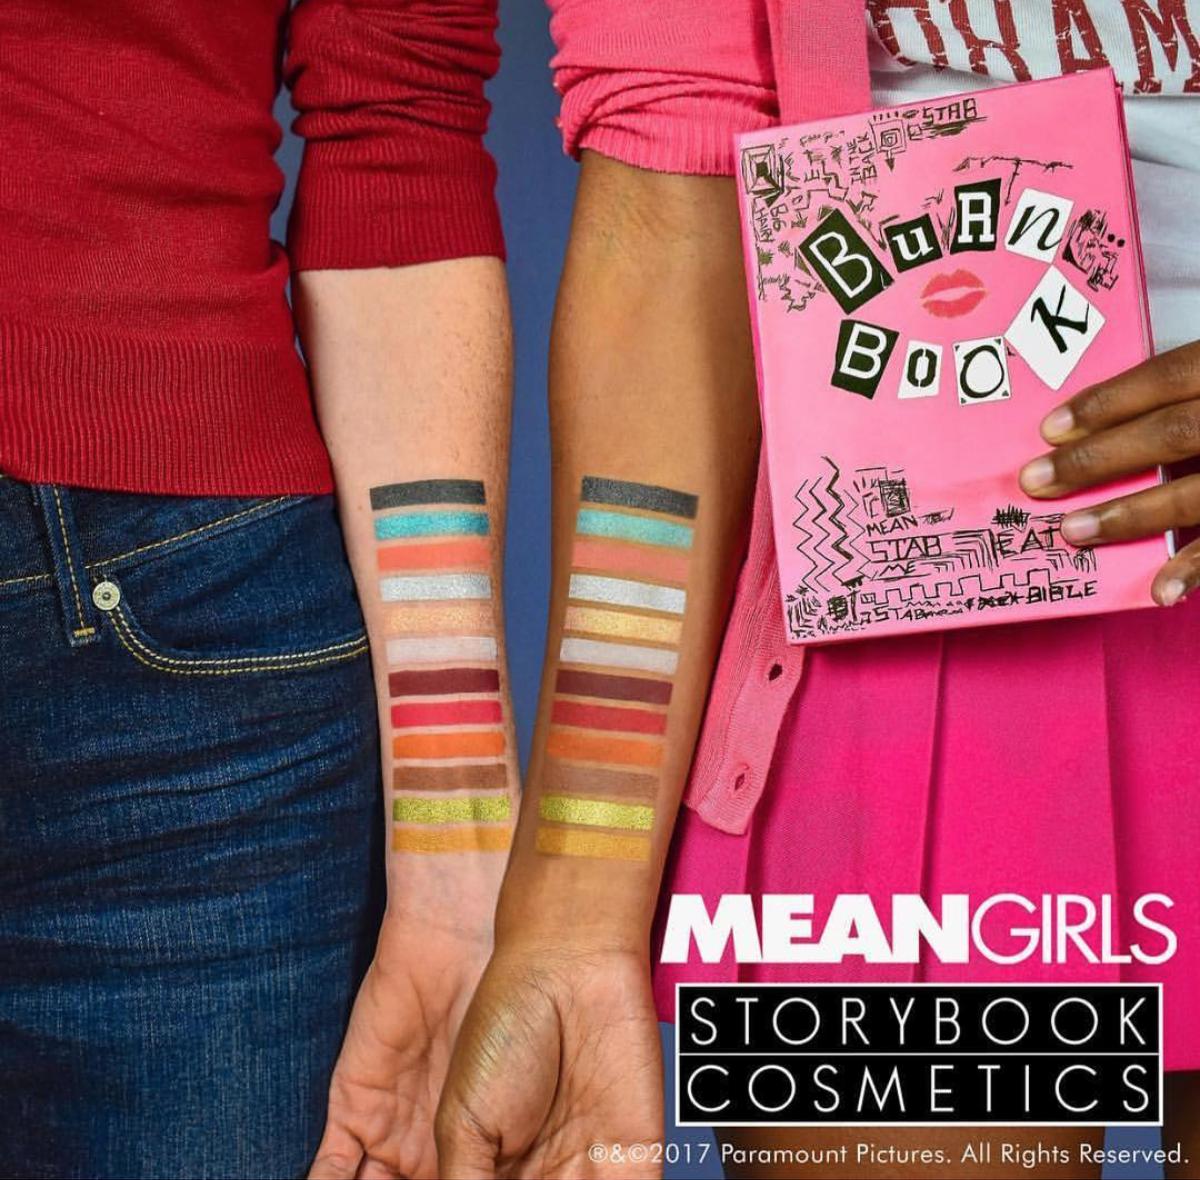 Storybook Cosmetica Mean Girls Burn Book Eyeshadow Palette